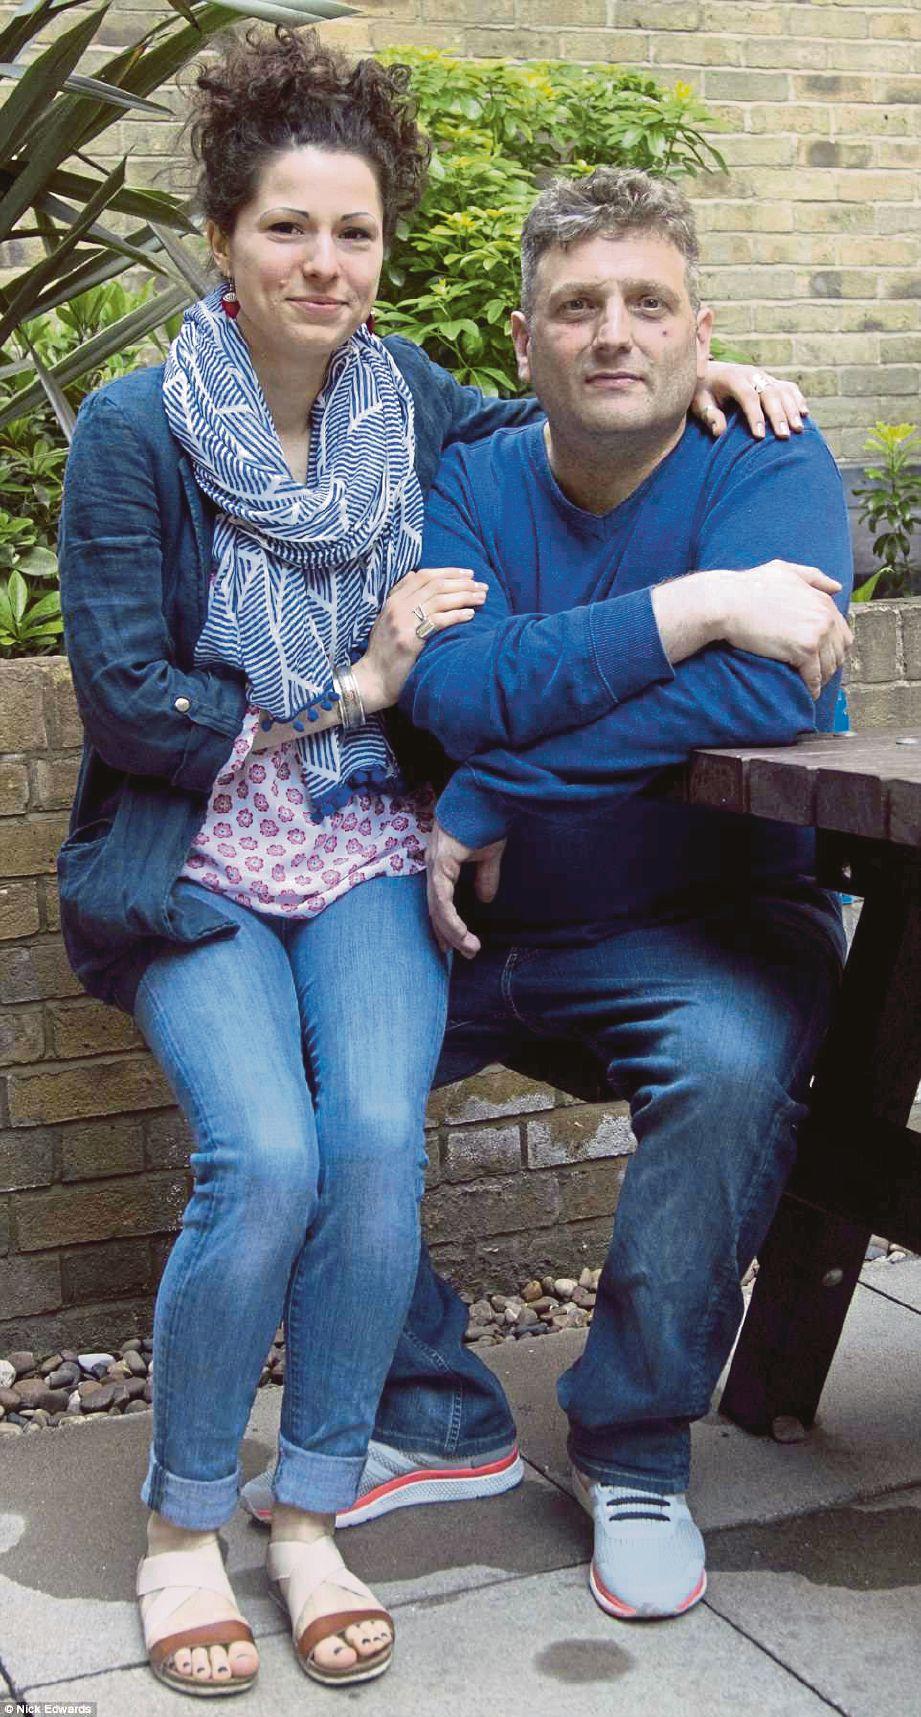 ANDREW Wardle kini boleh menjalani kehidupan seperti pasangan kekasih bersama teman wanitanya, Fedra Fabian. -  Nick Edwards